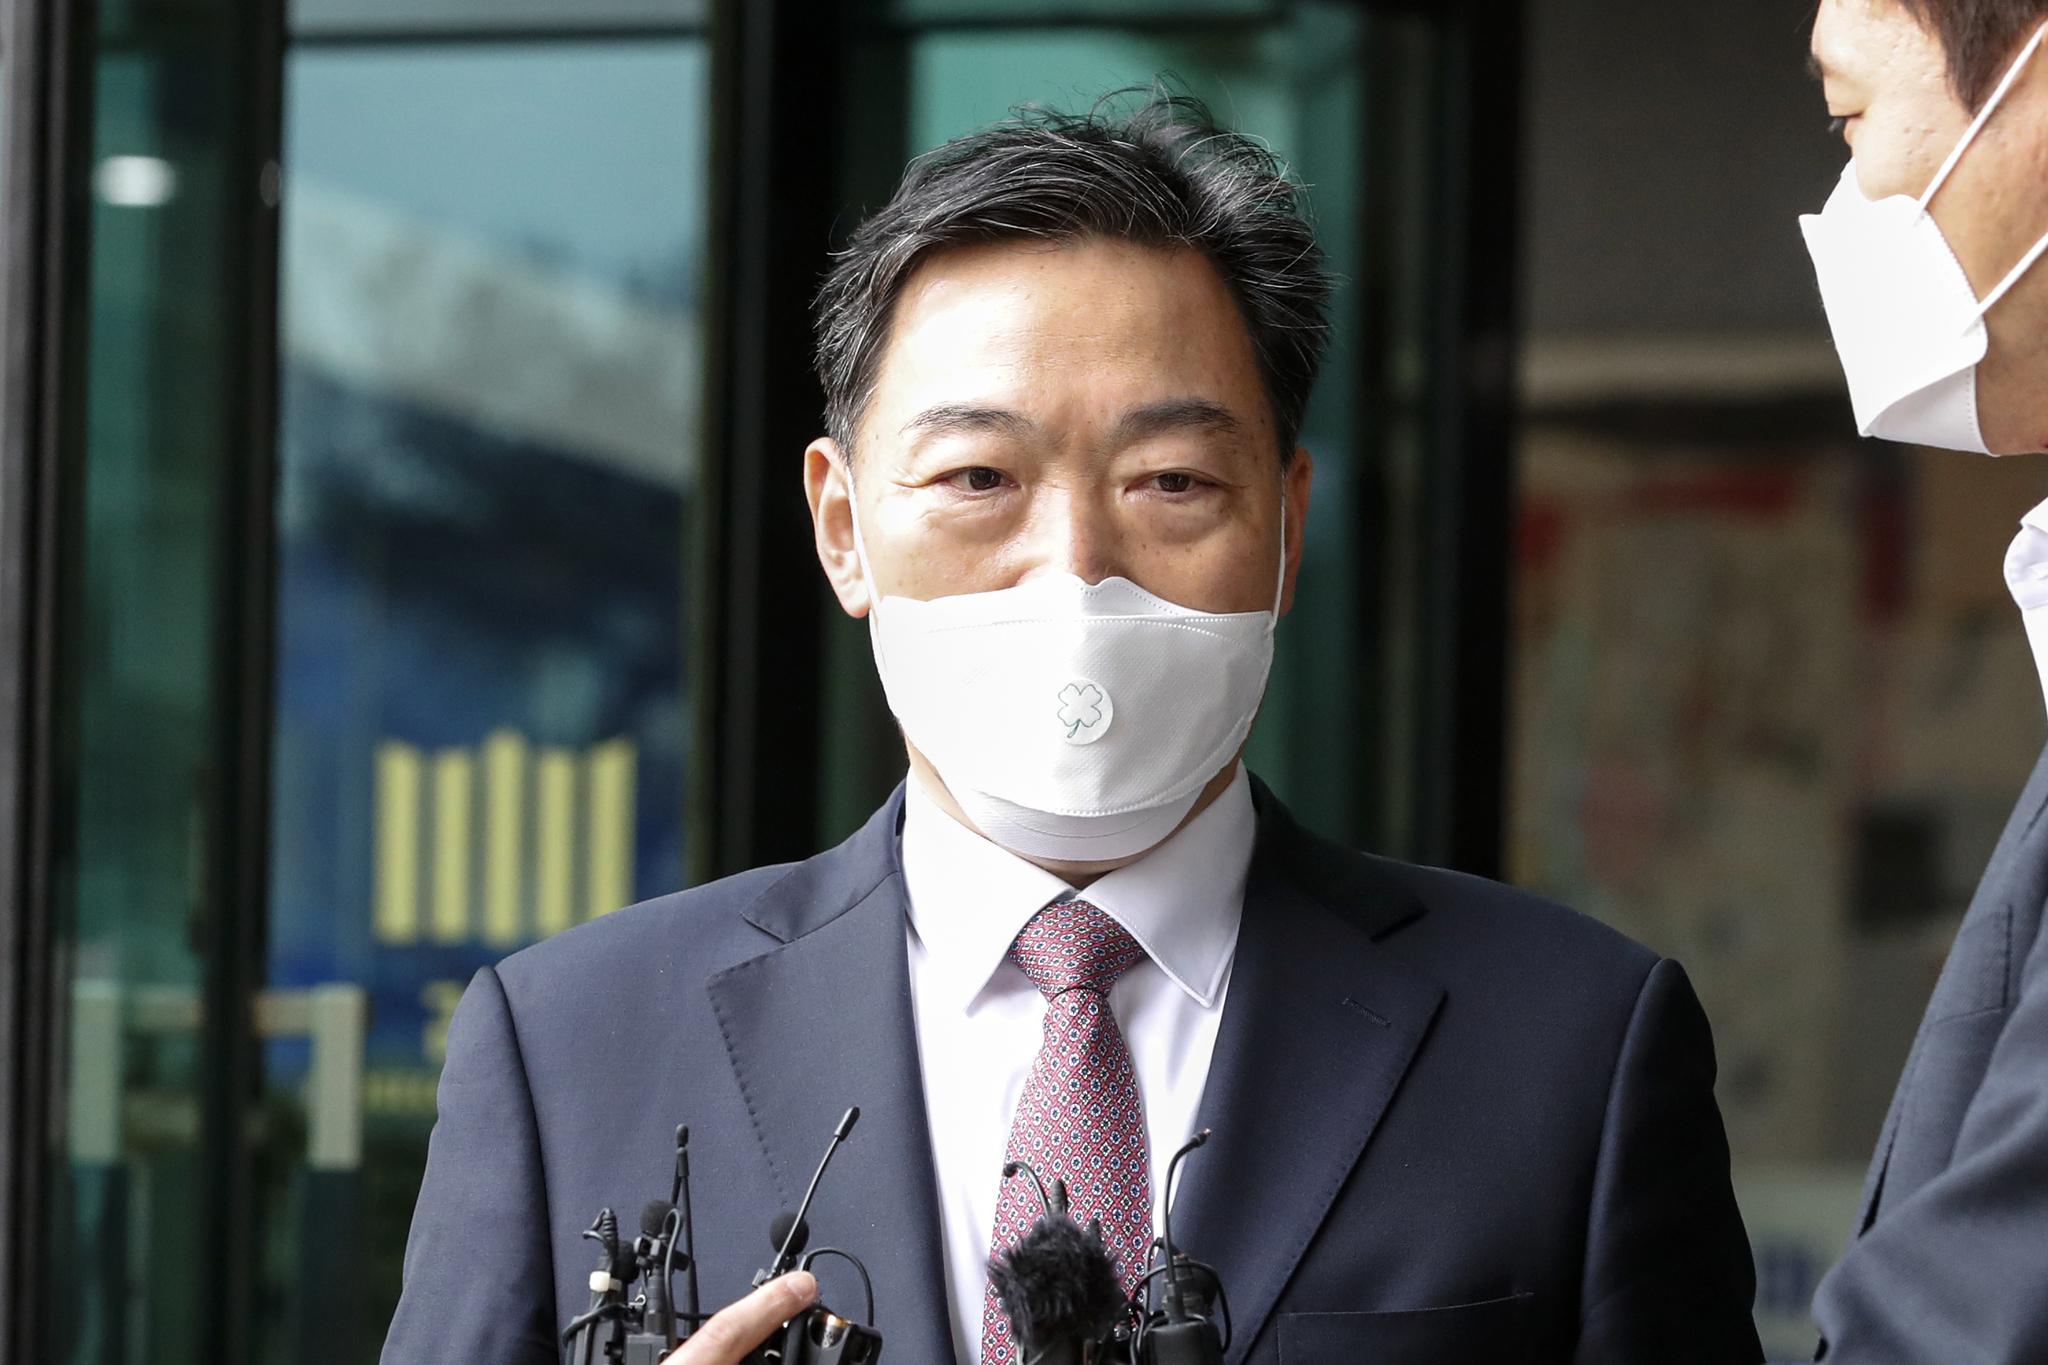 검찰총장 후보에 지명된 김오수 전 법무부 차관. 뉴스1